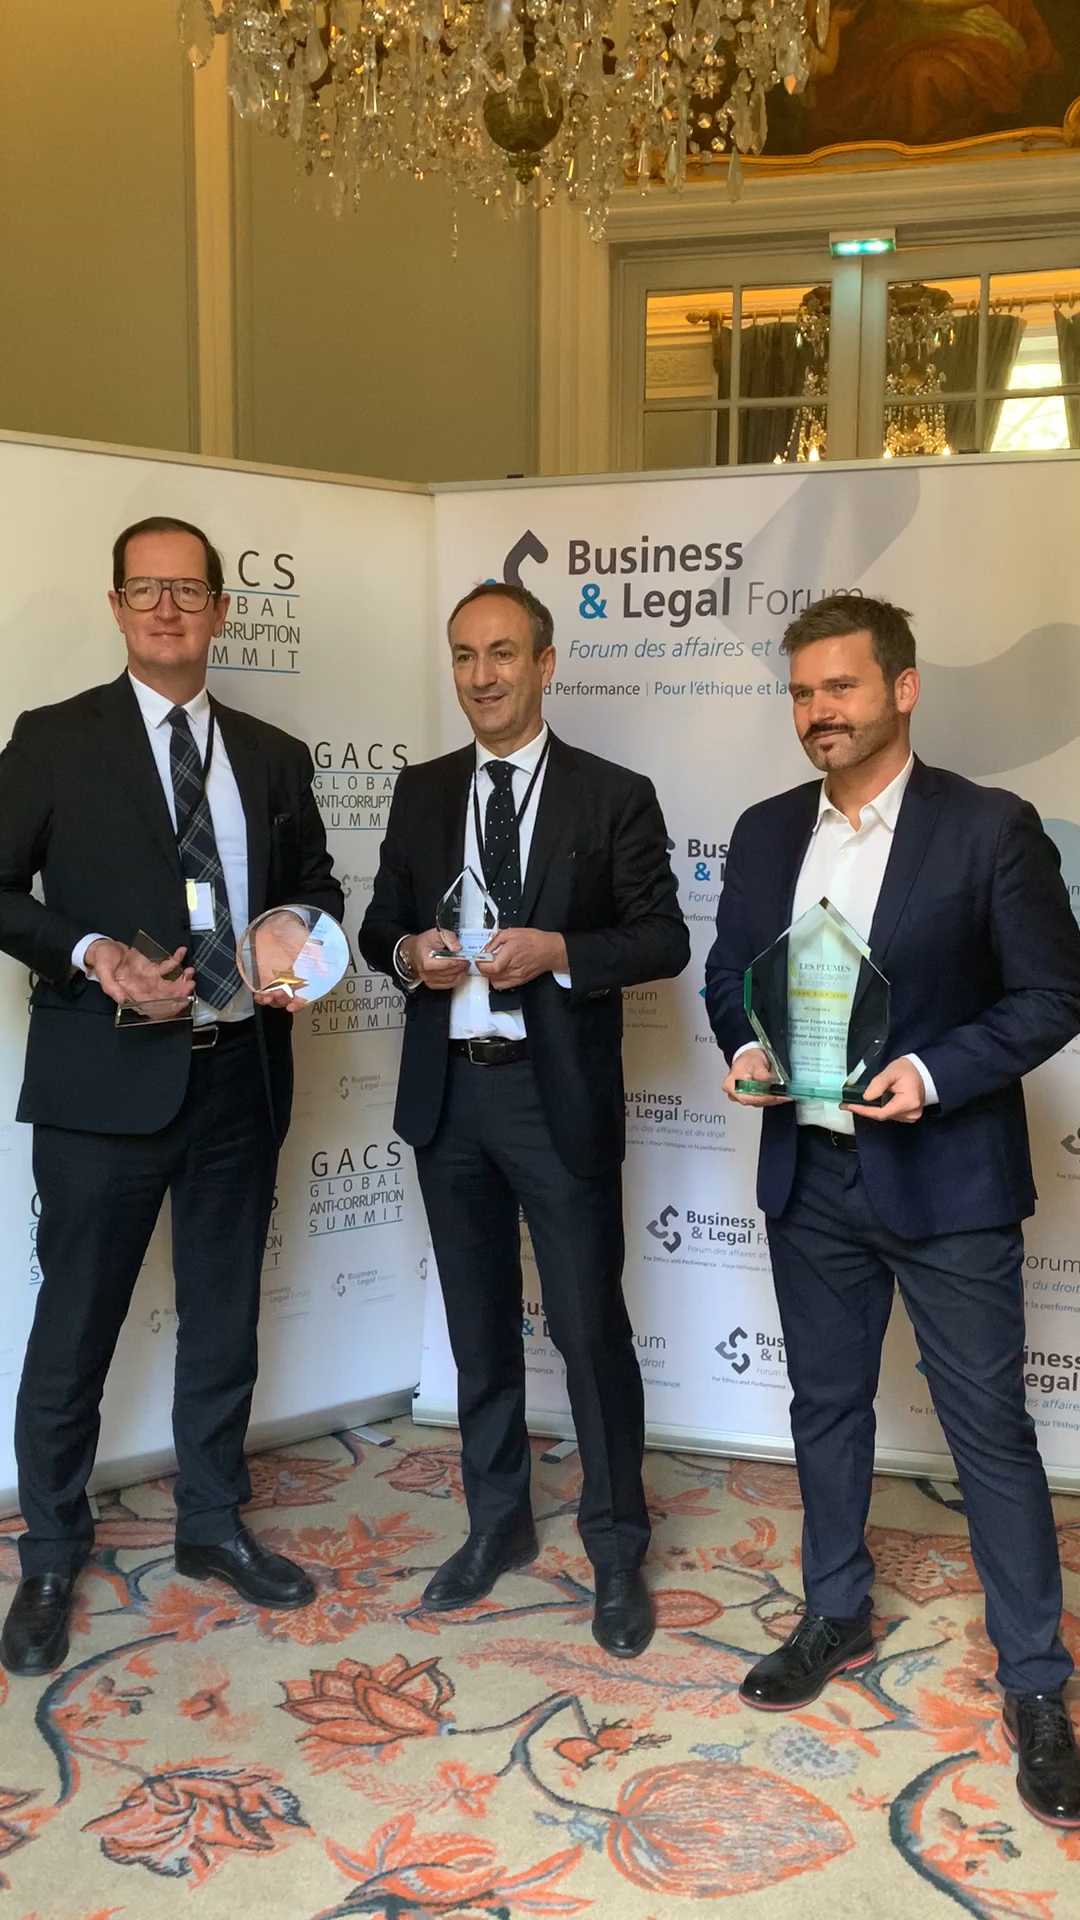 BLF | Les Plumes de l'économie et du droit 2020 | Philippe Dupichot, Didier G. Martin et Franck Guiader, lauréats, représentaient le cabinet à cette occasion.